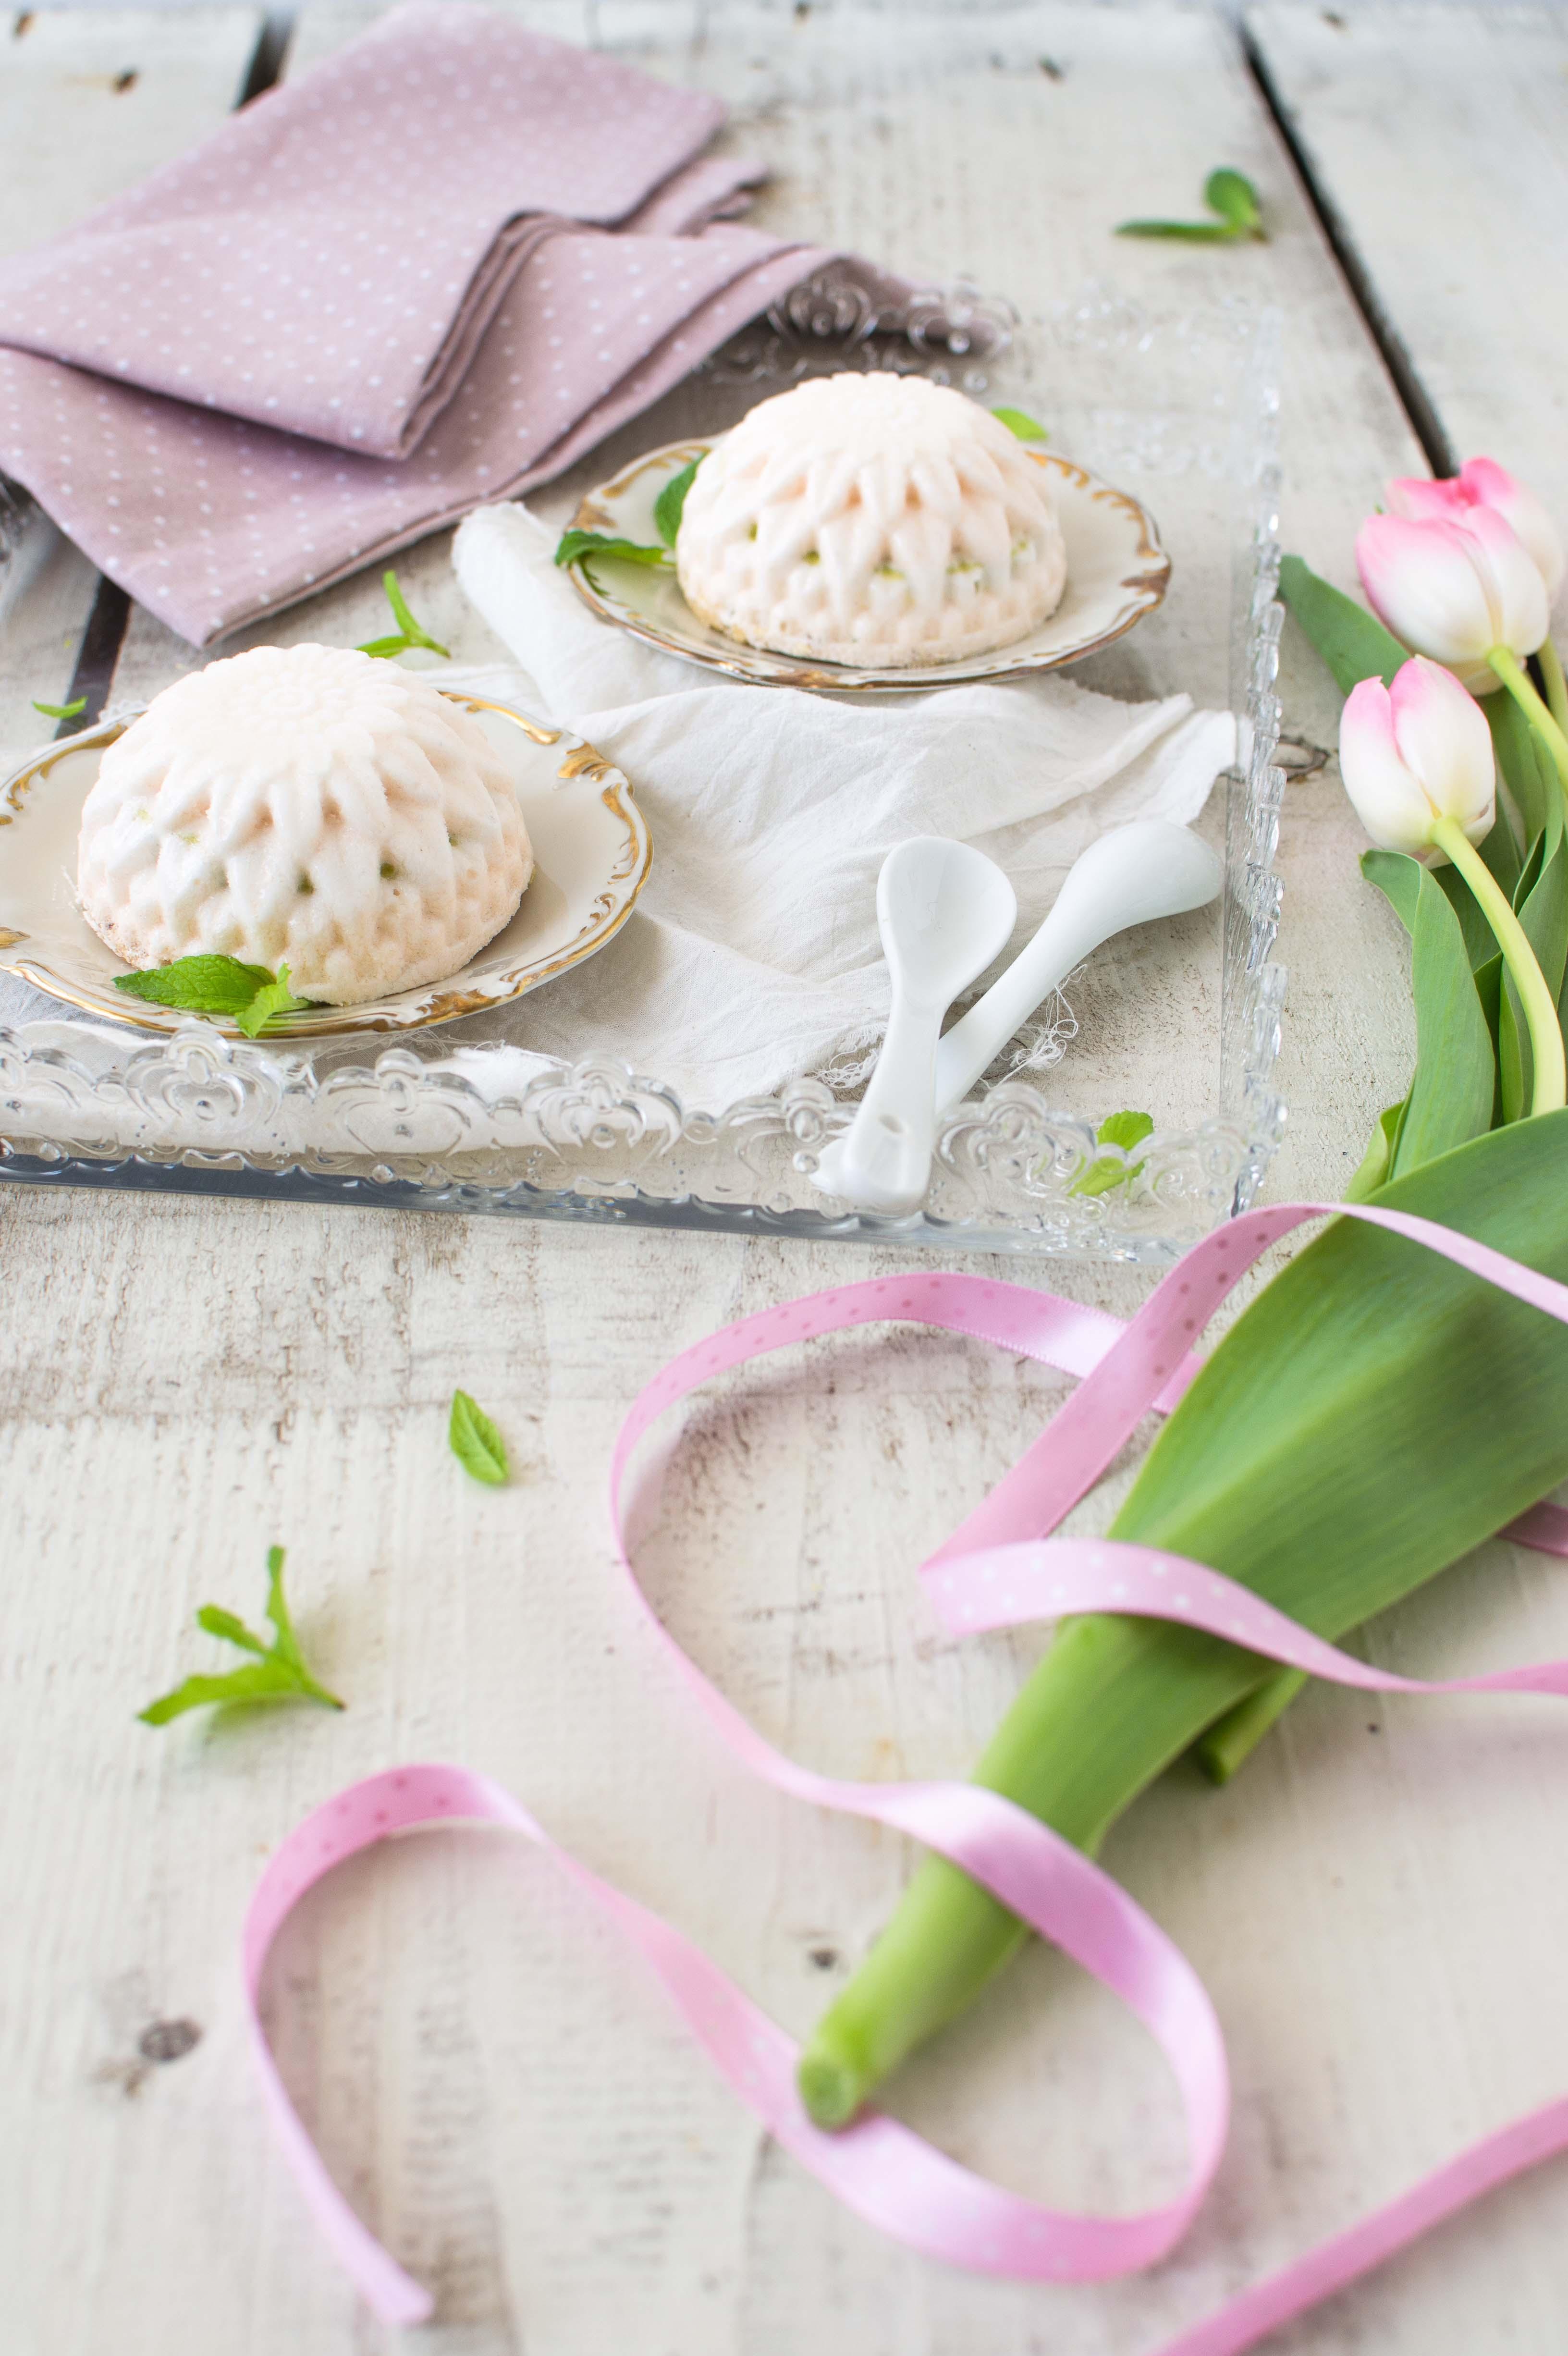 mousse_pompelmo_pistacchio6 Mousse al pompelmo rosa e pistacchi